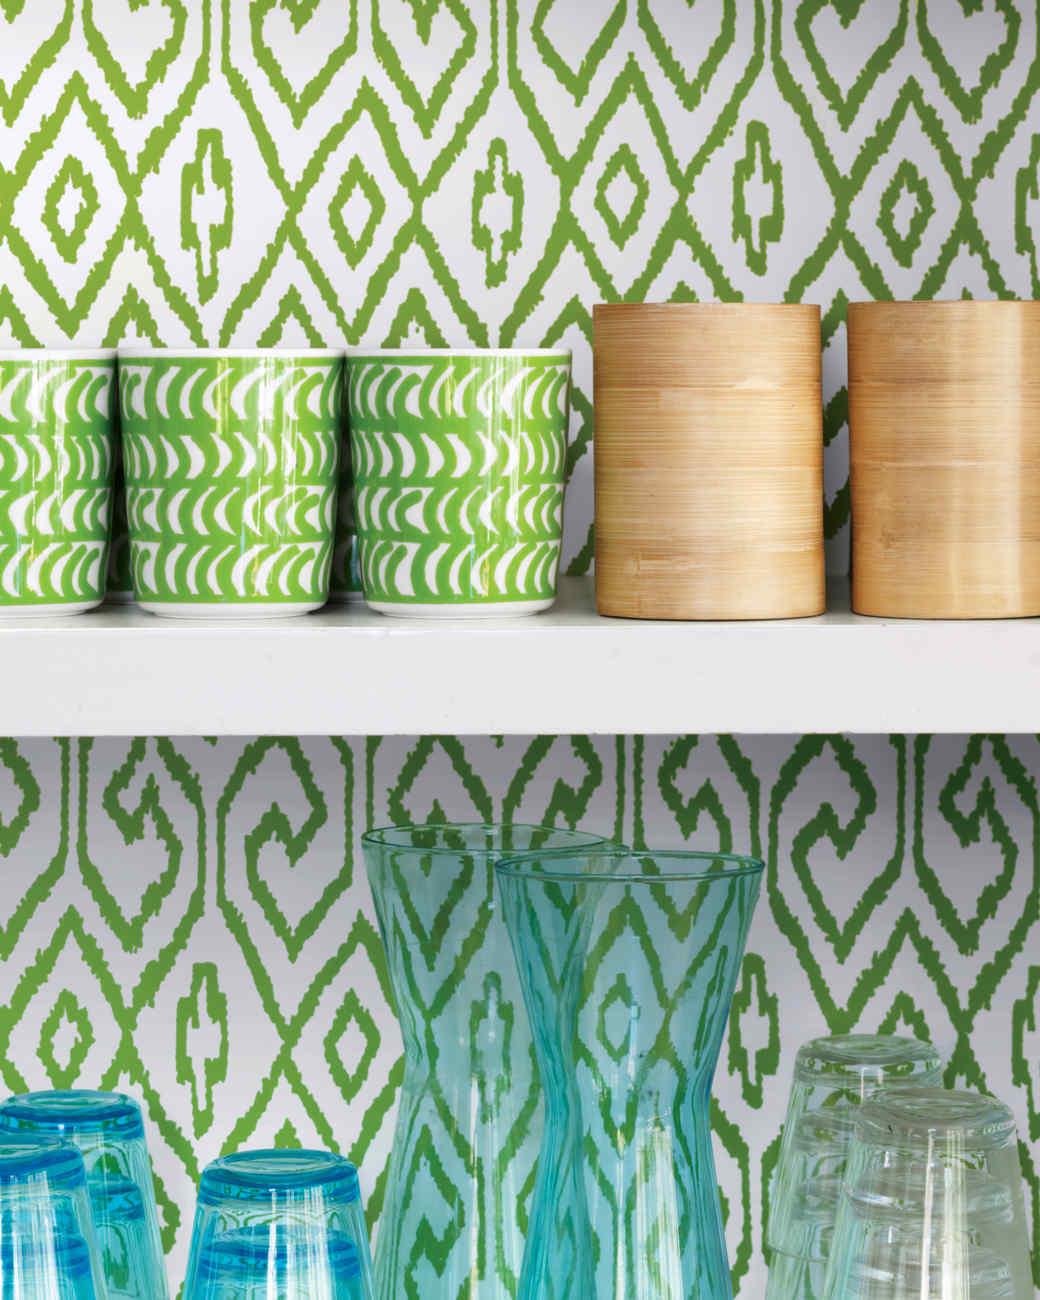 cw-mitchell-kitchen-shelf-mld107949.jpg